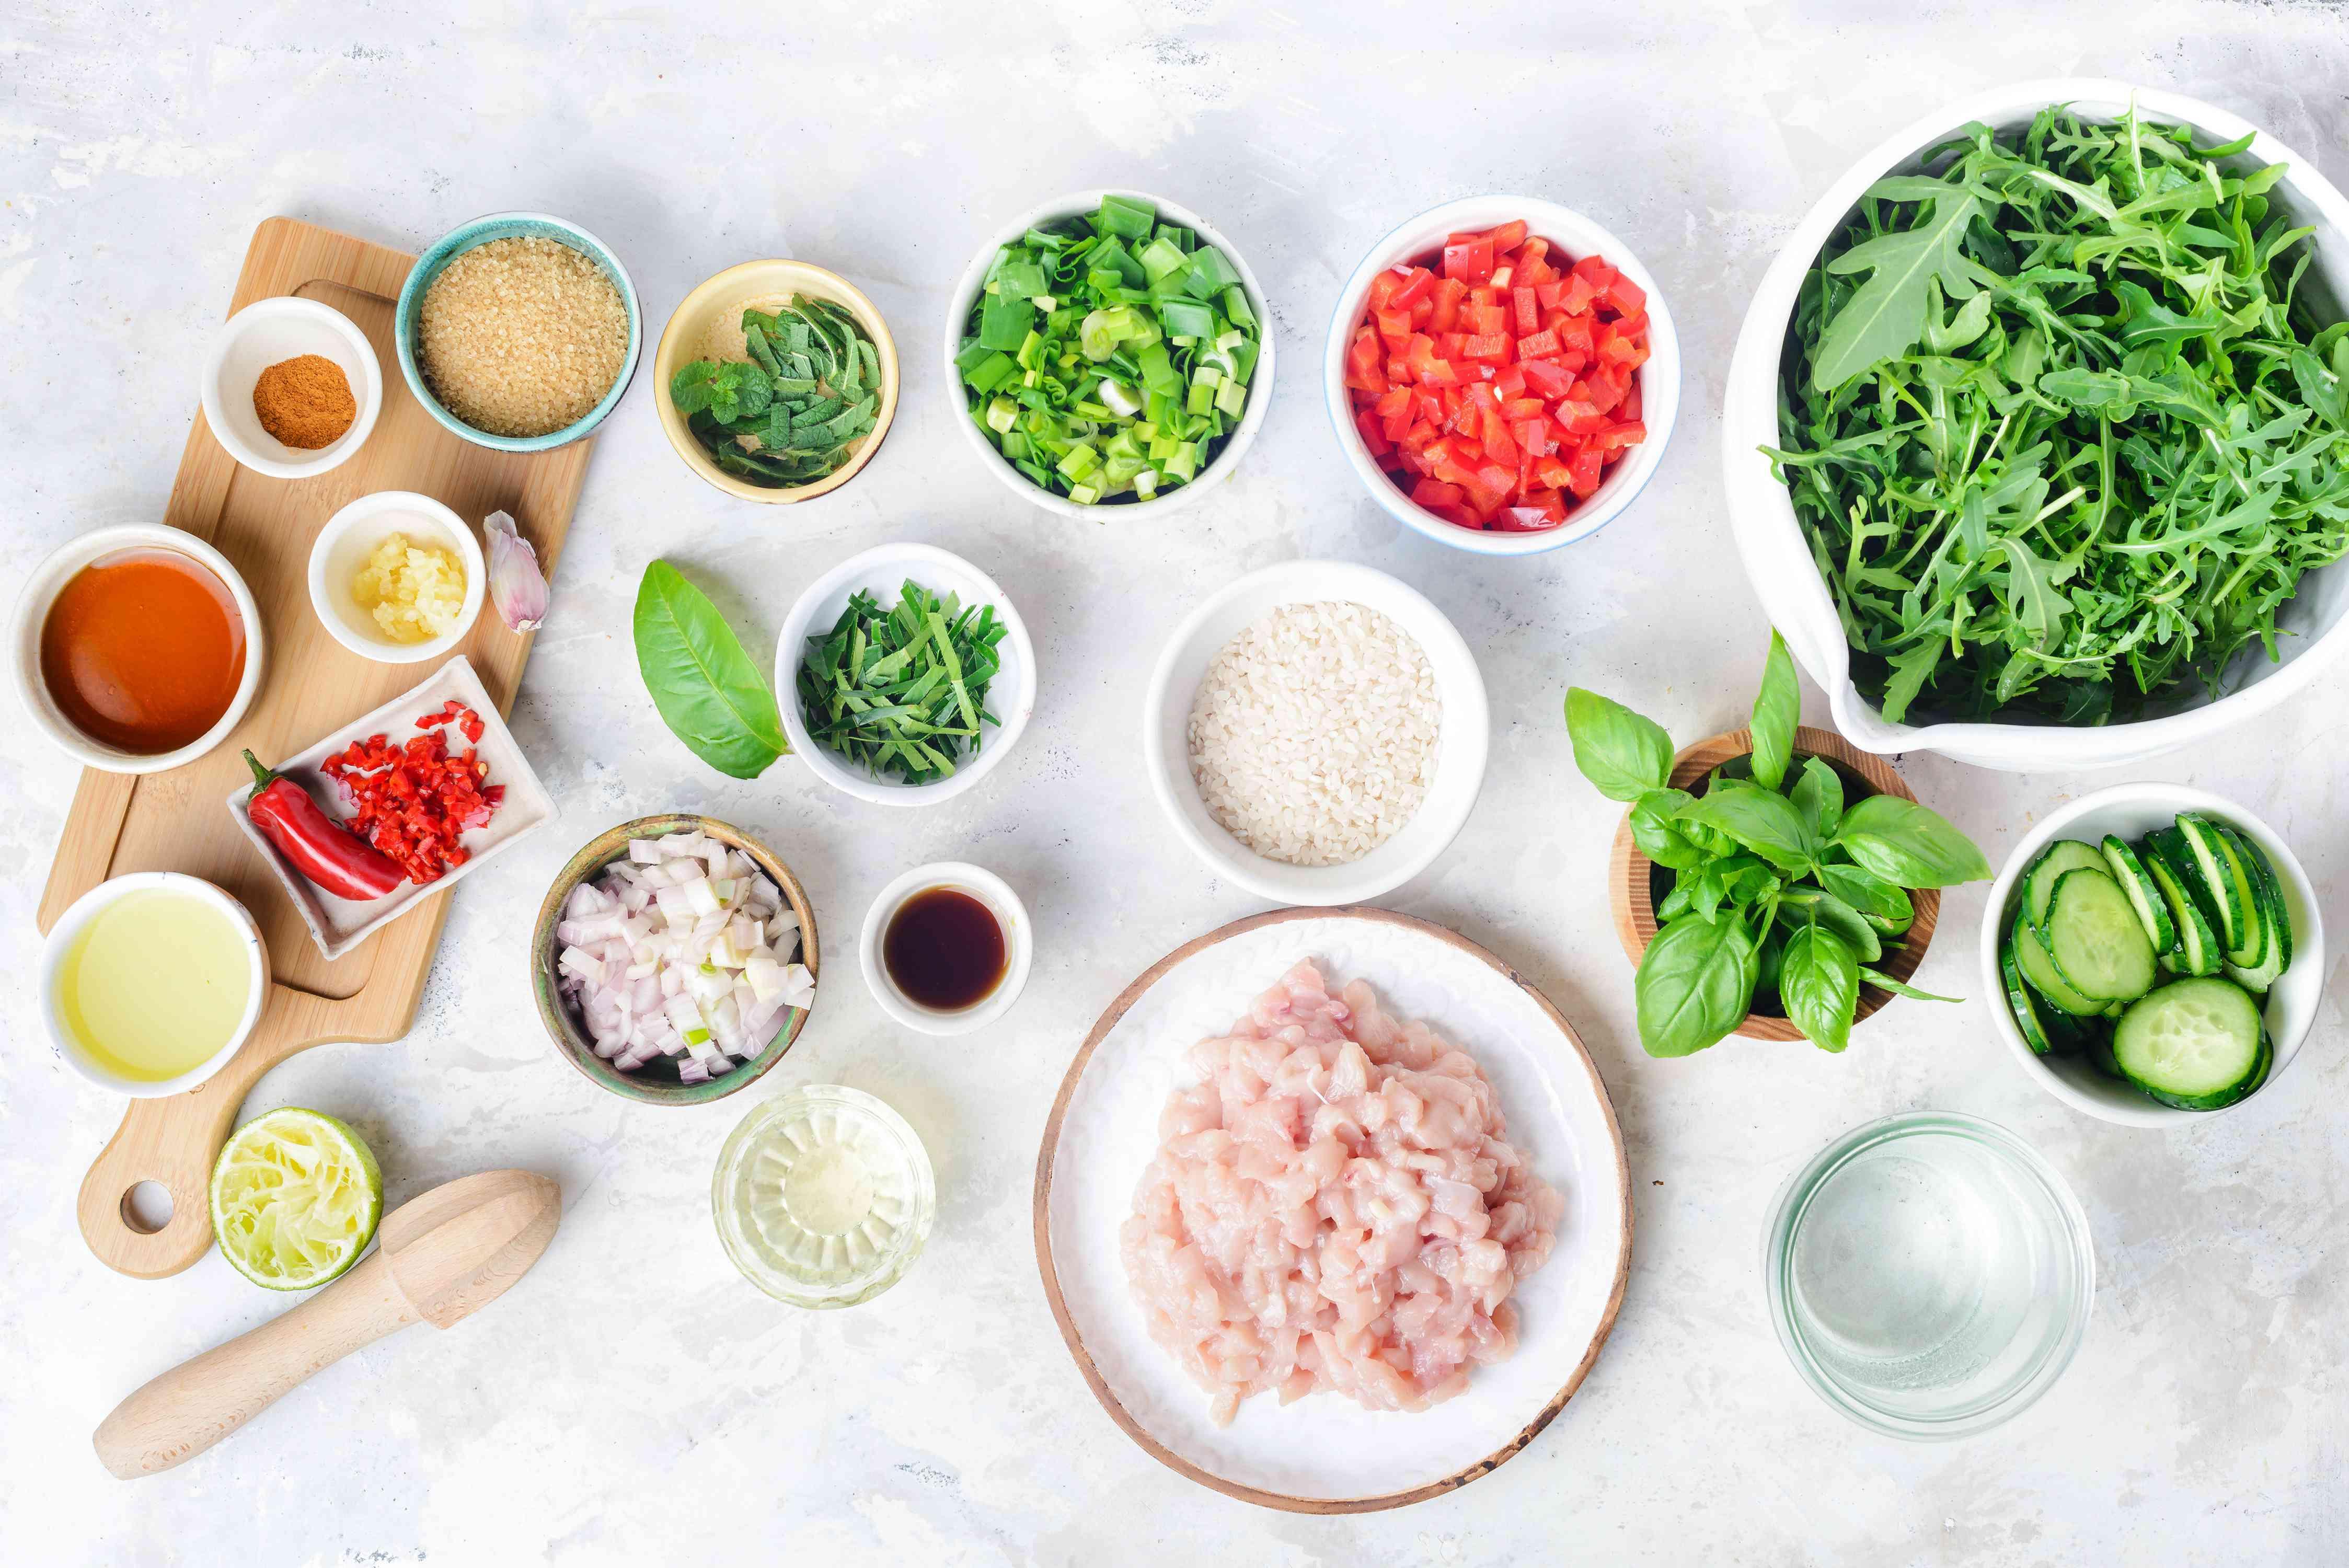 Ingredients for larb gai thai salad